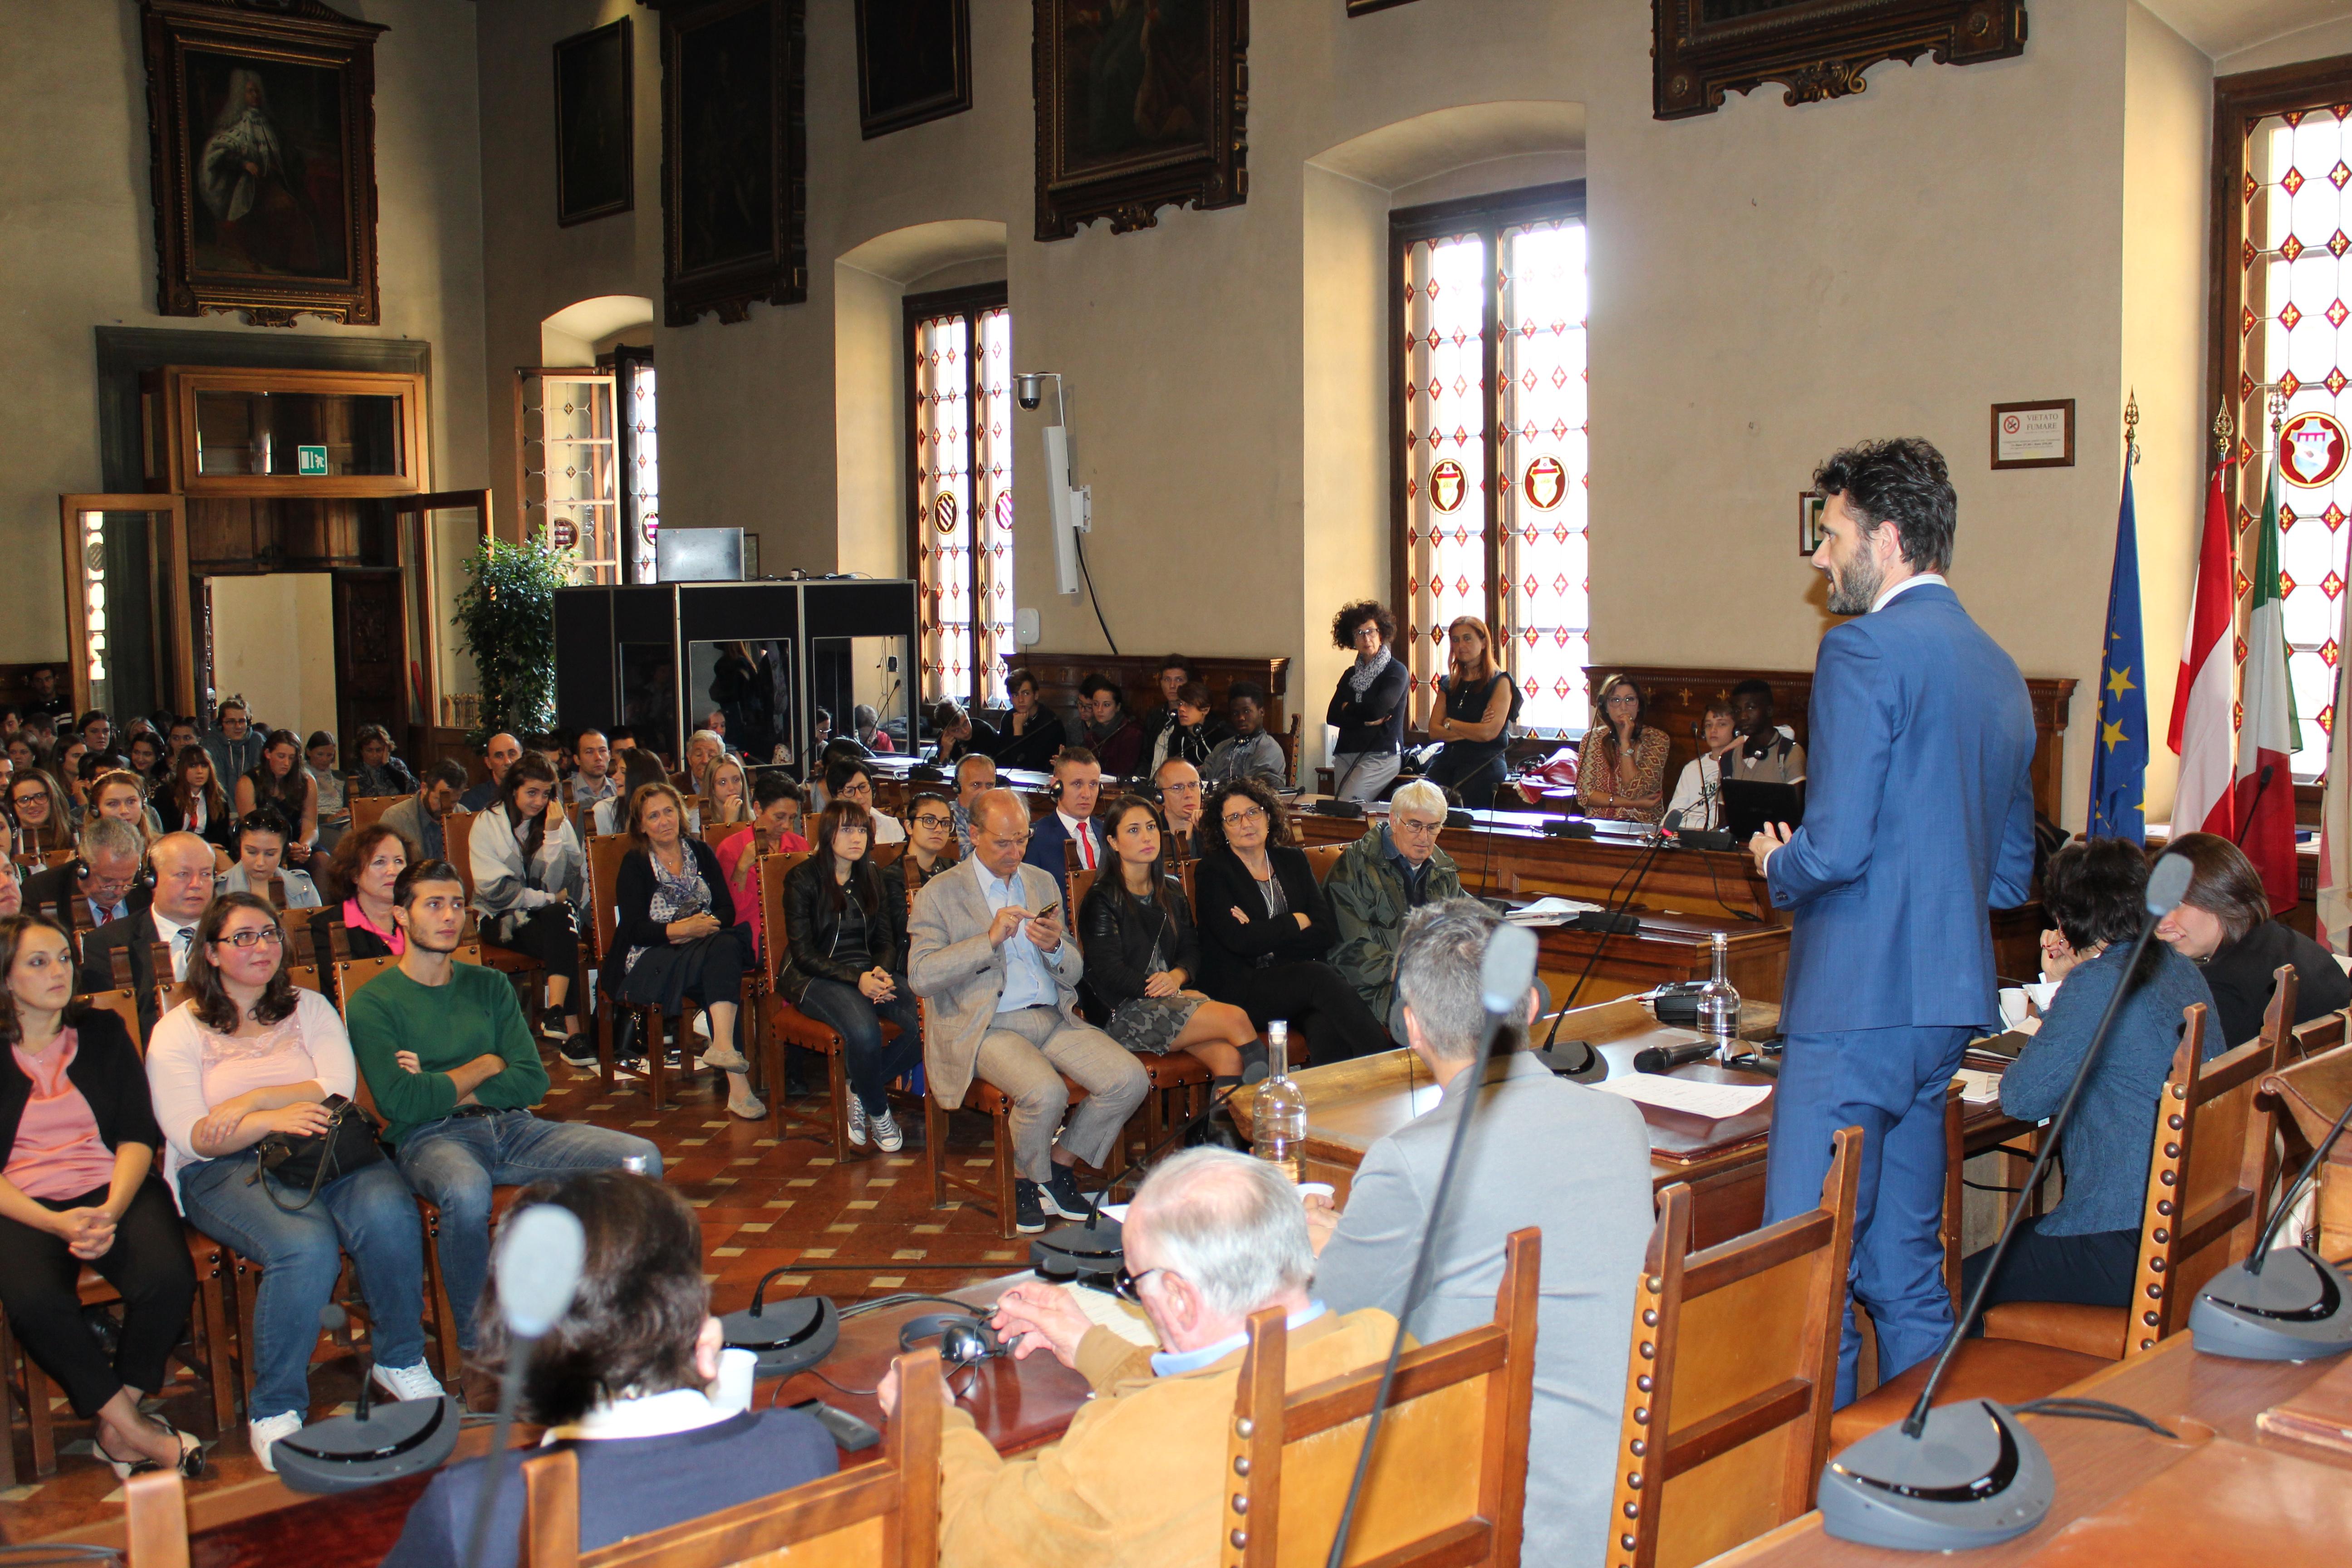 <p>L'intervento del Sindaco di Prato, Matteo Biffoni, sull'importanza e il valore di questo gemellaggio</p>